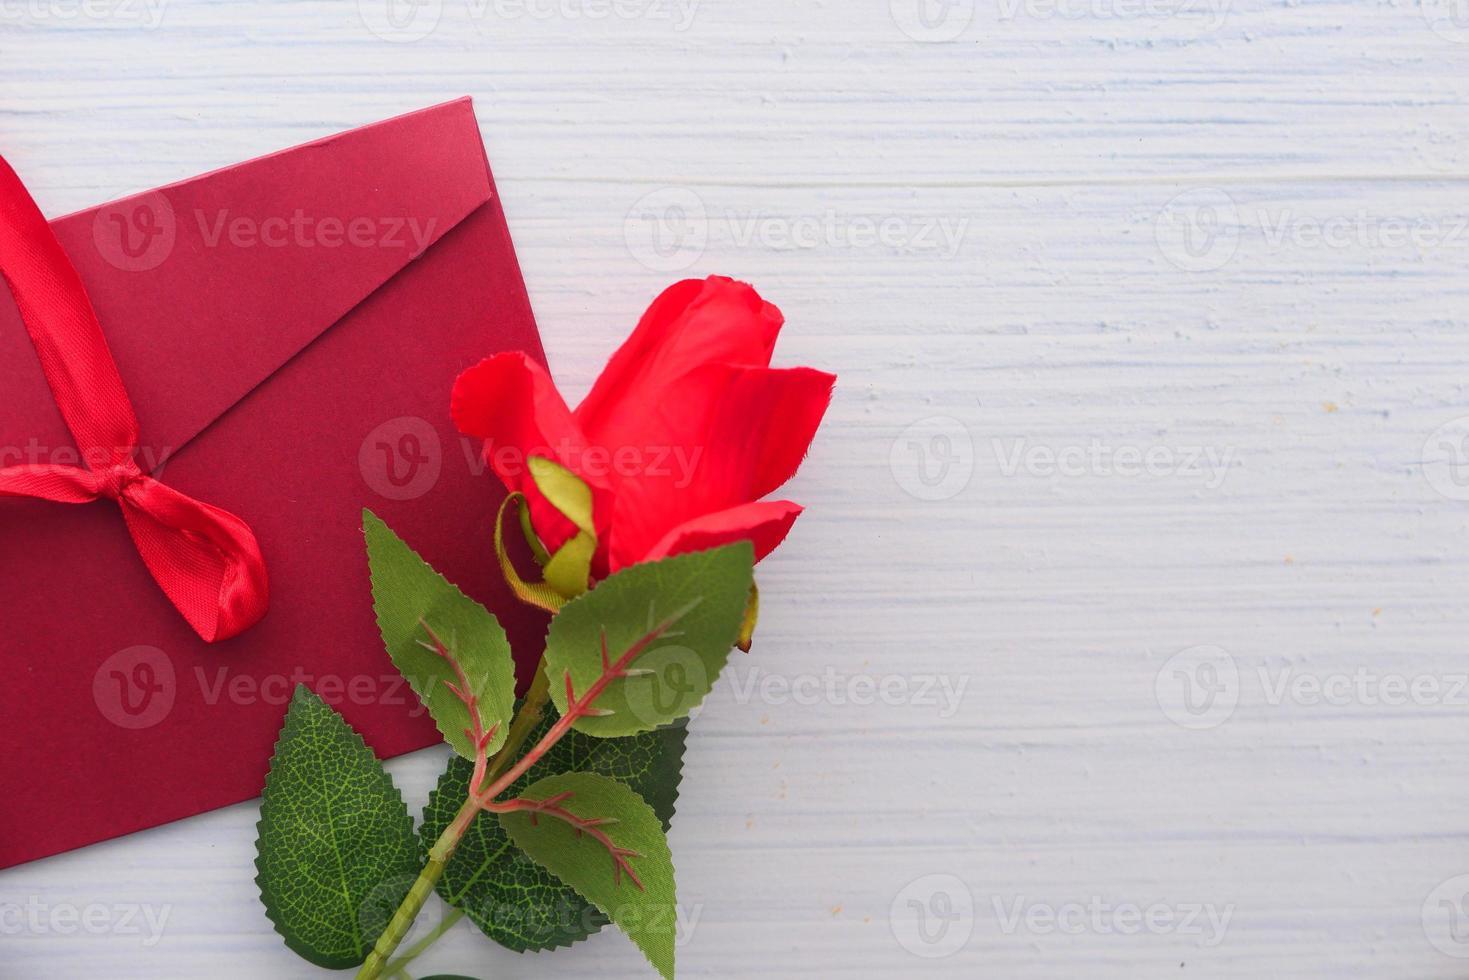 enveloppe et fleur rose sur fond blanc avec espace copie photo